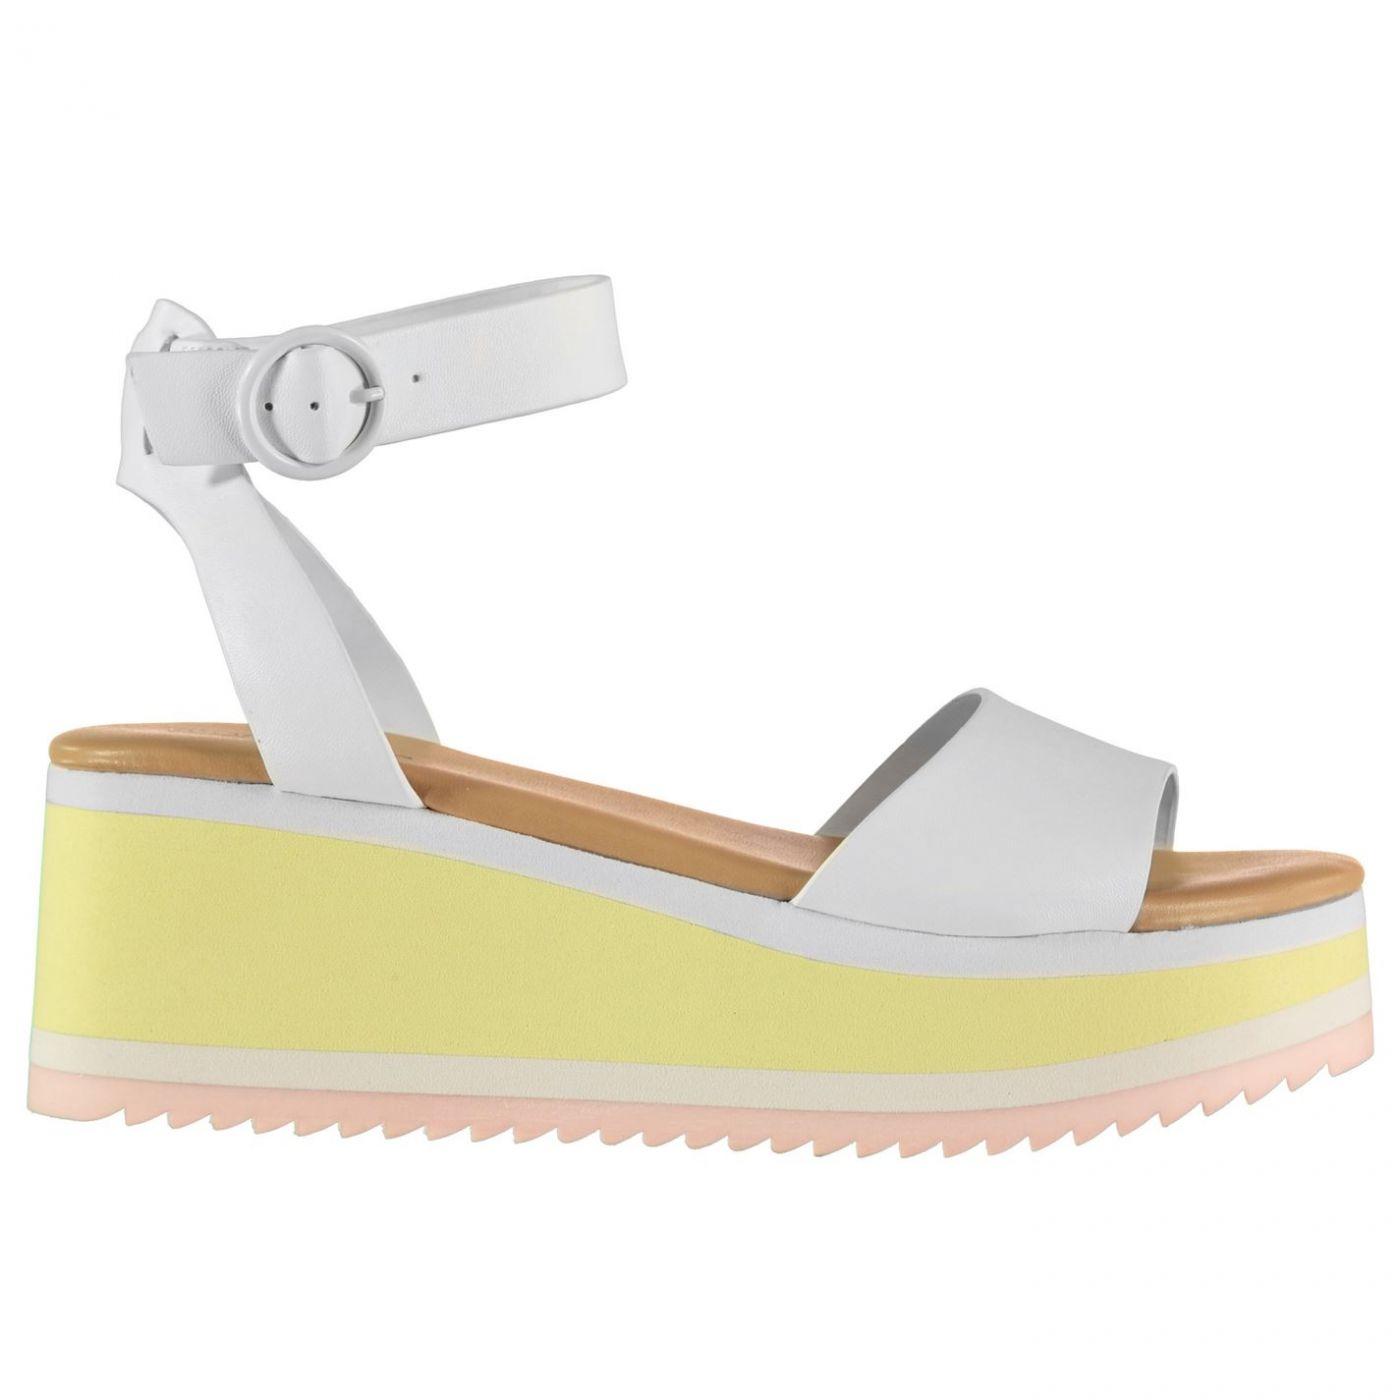 Aldo Sariana Flat Sandals Ladies